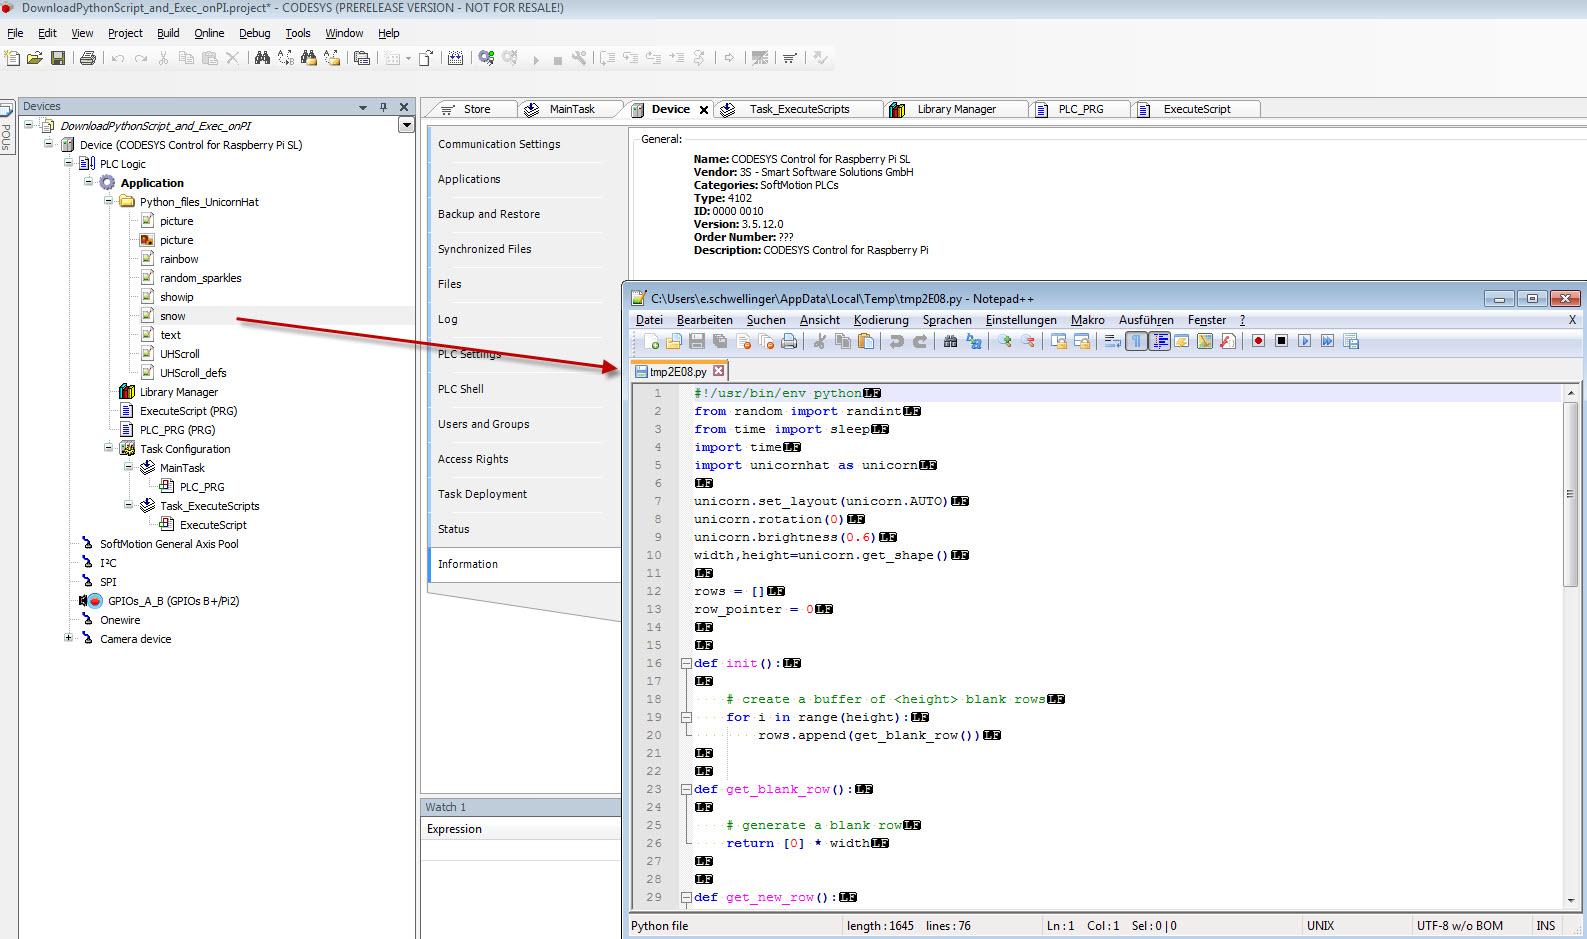 IMG: Python_as_ExternalFile.jpg